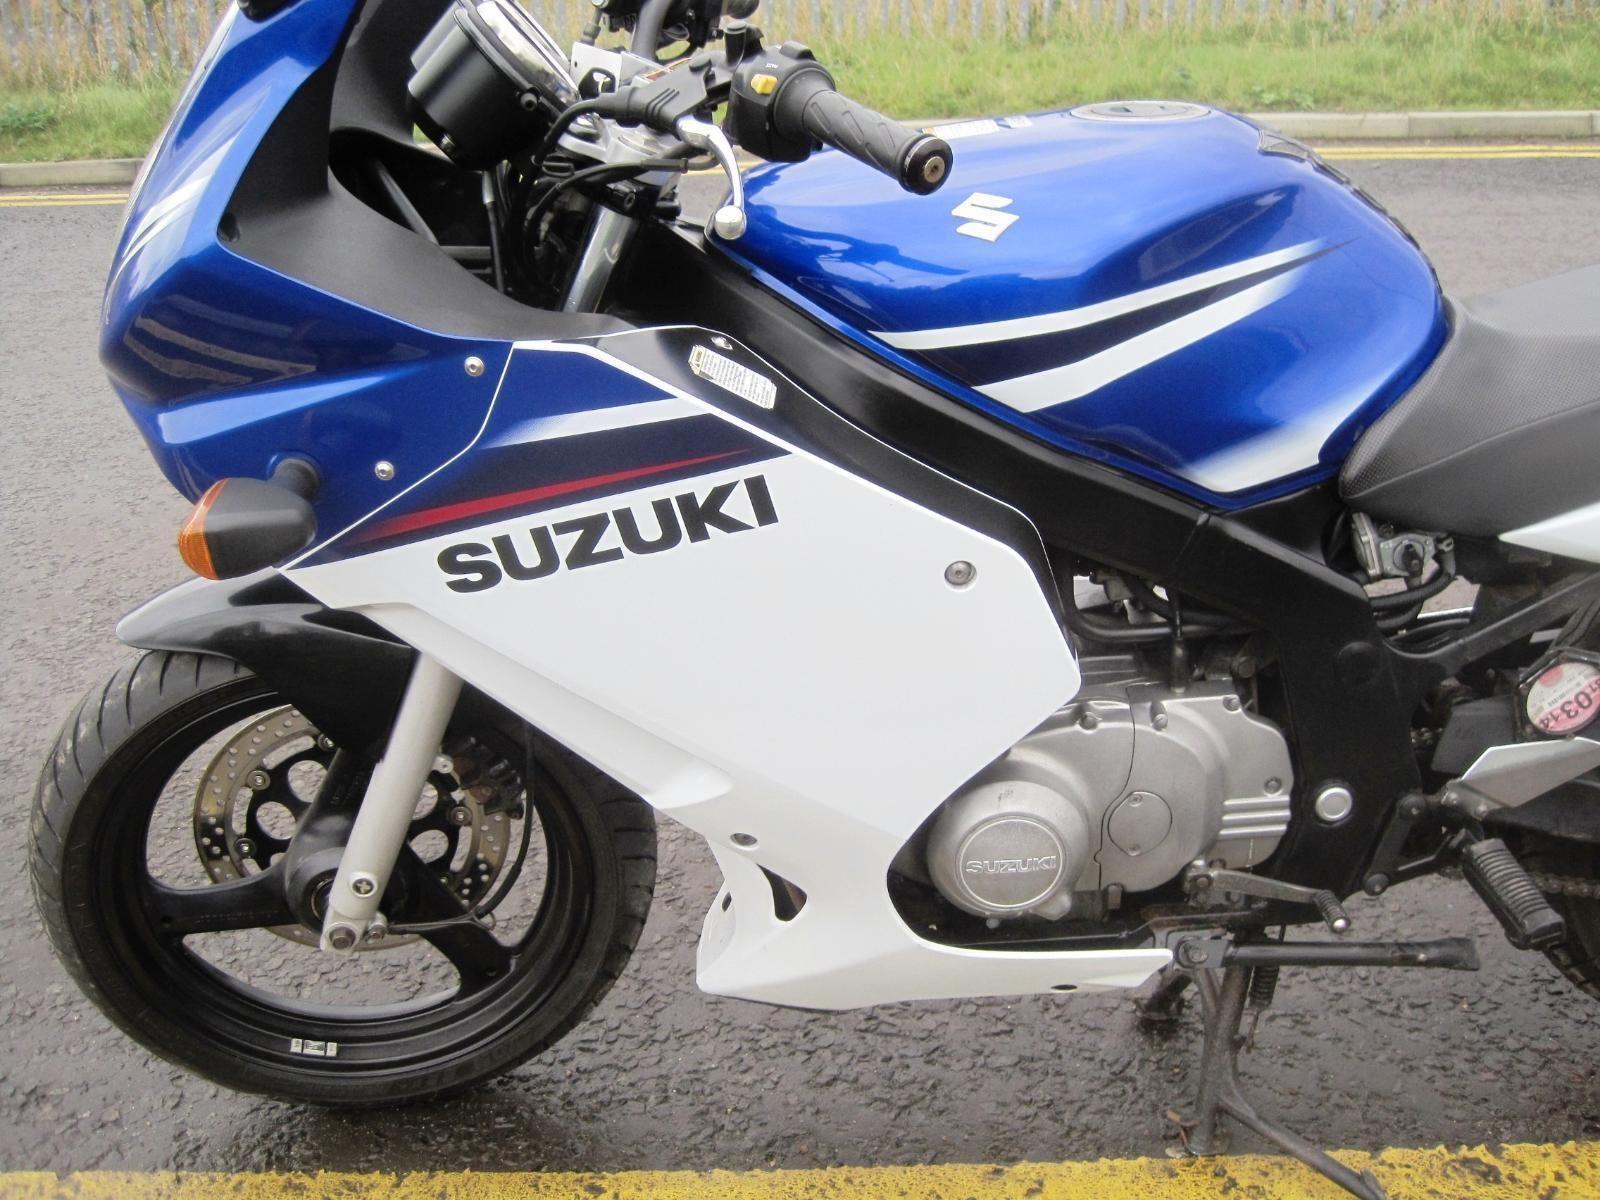 2008 (08) Suzuki GS500 GS500F 500cc Roadster Blue